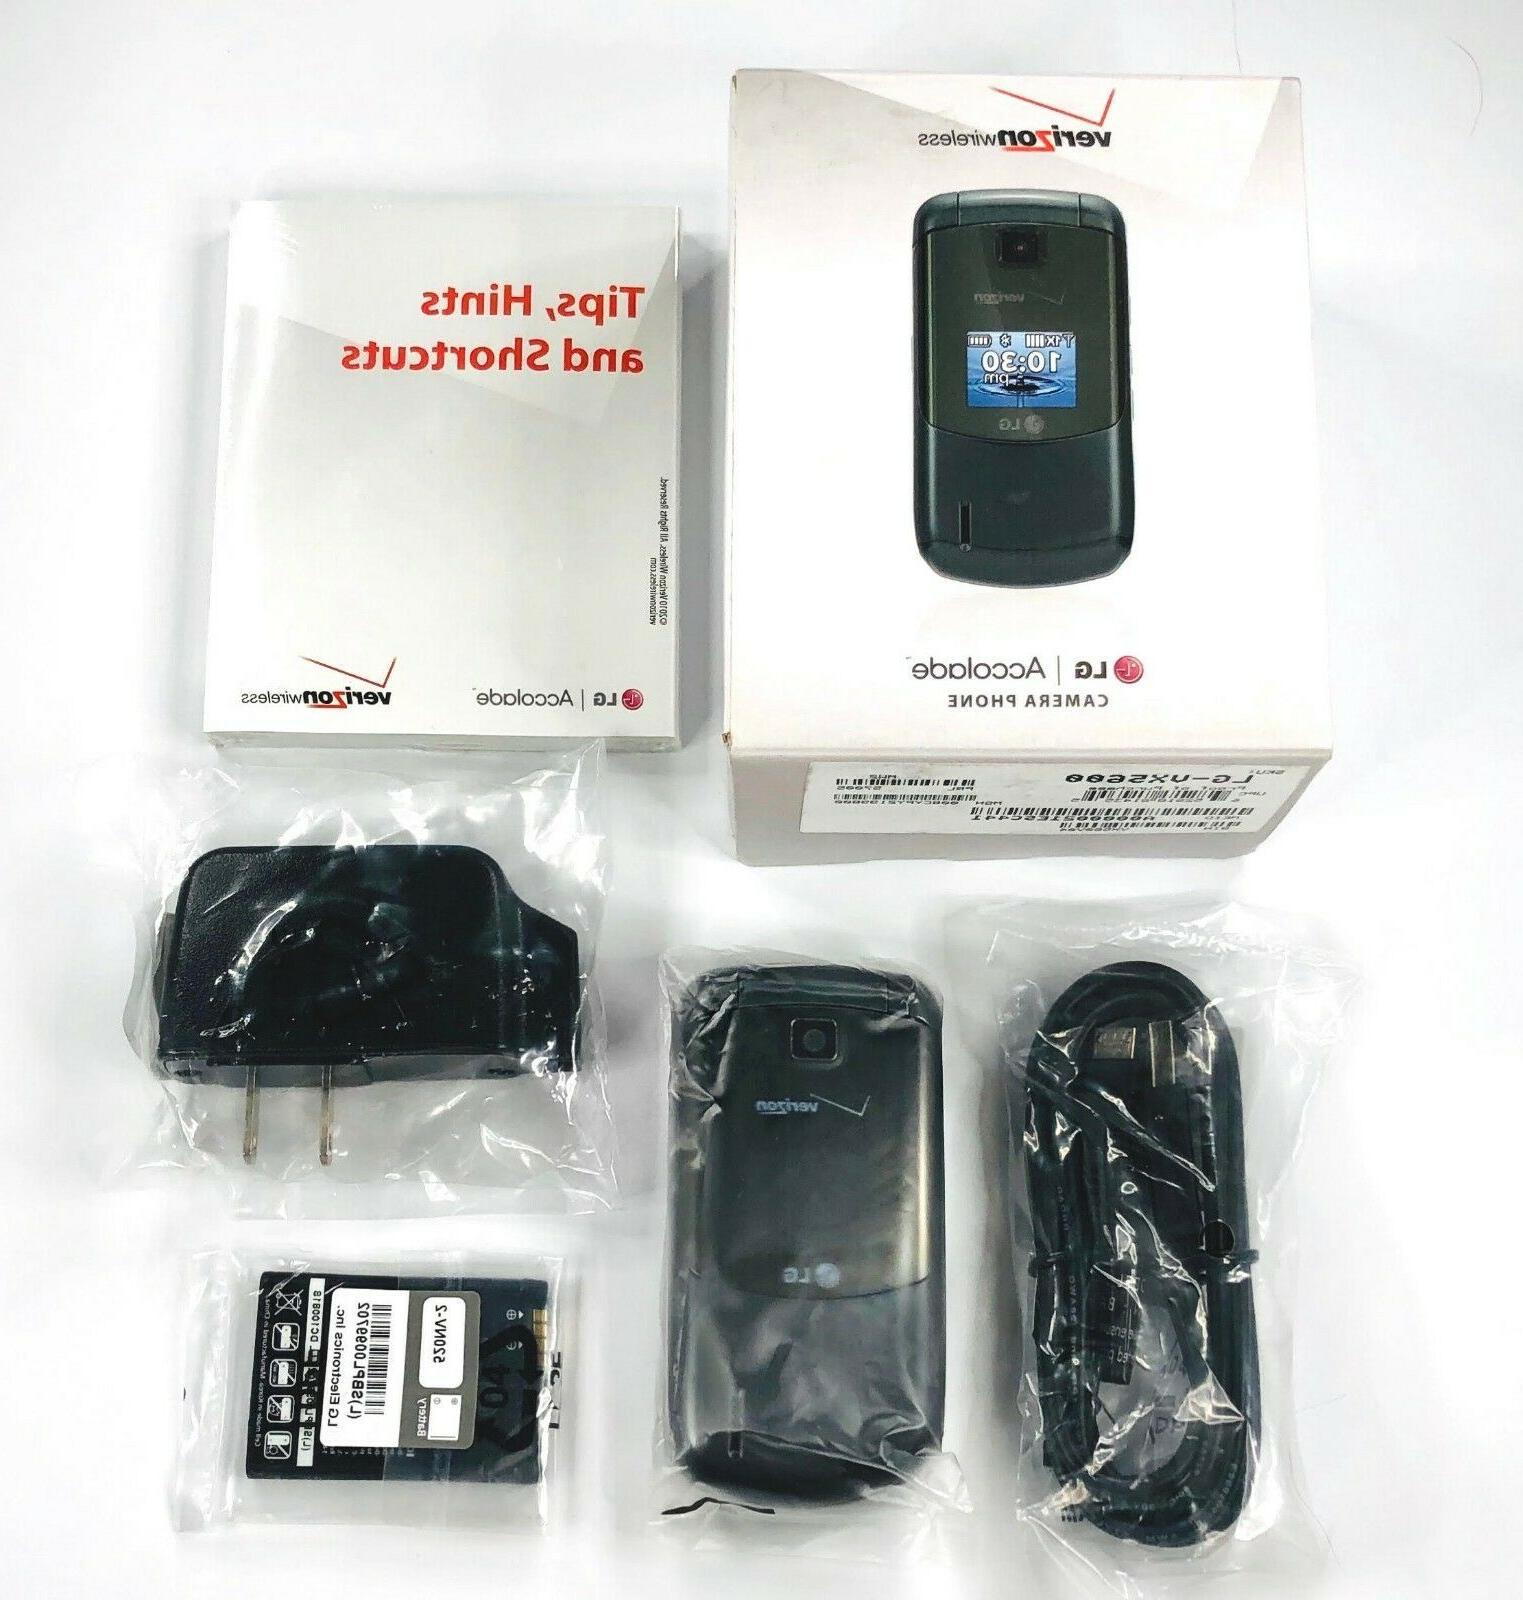 NEW VX5600 Prepaid 3G Flip Phone